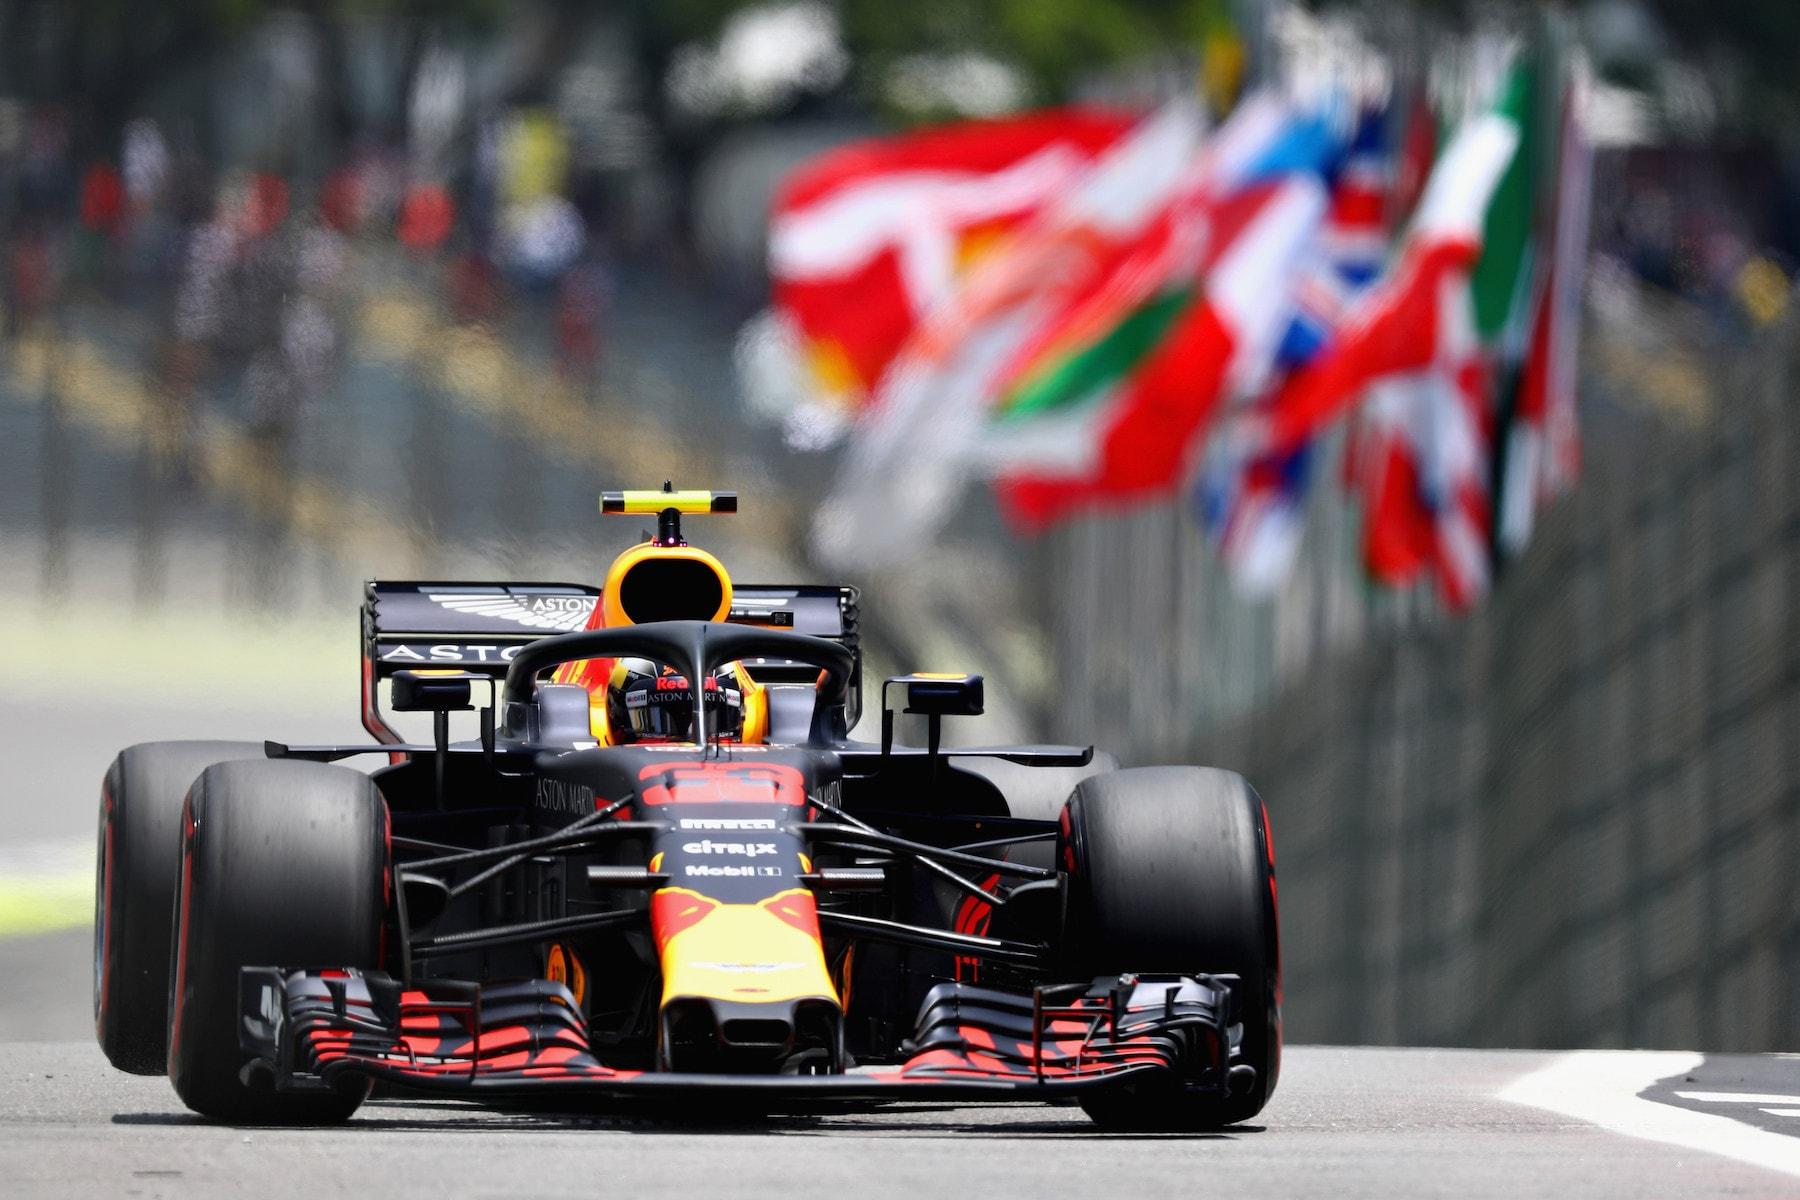 2018 Max Verstappen | Red Bull RB14 | 2018 Brazilian GP FP1 1 copy.jpg